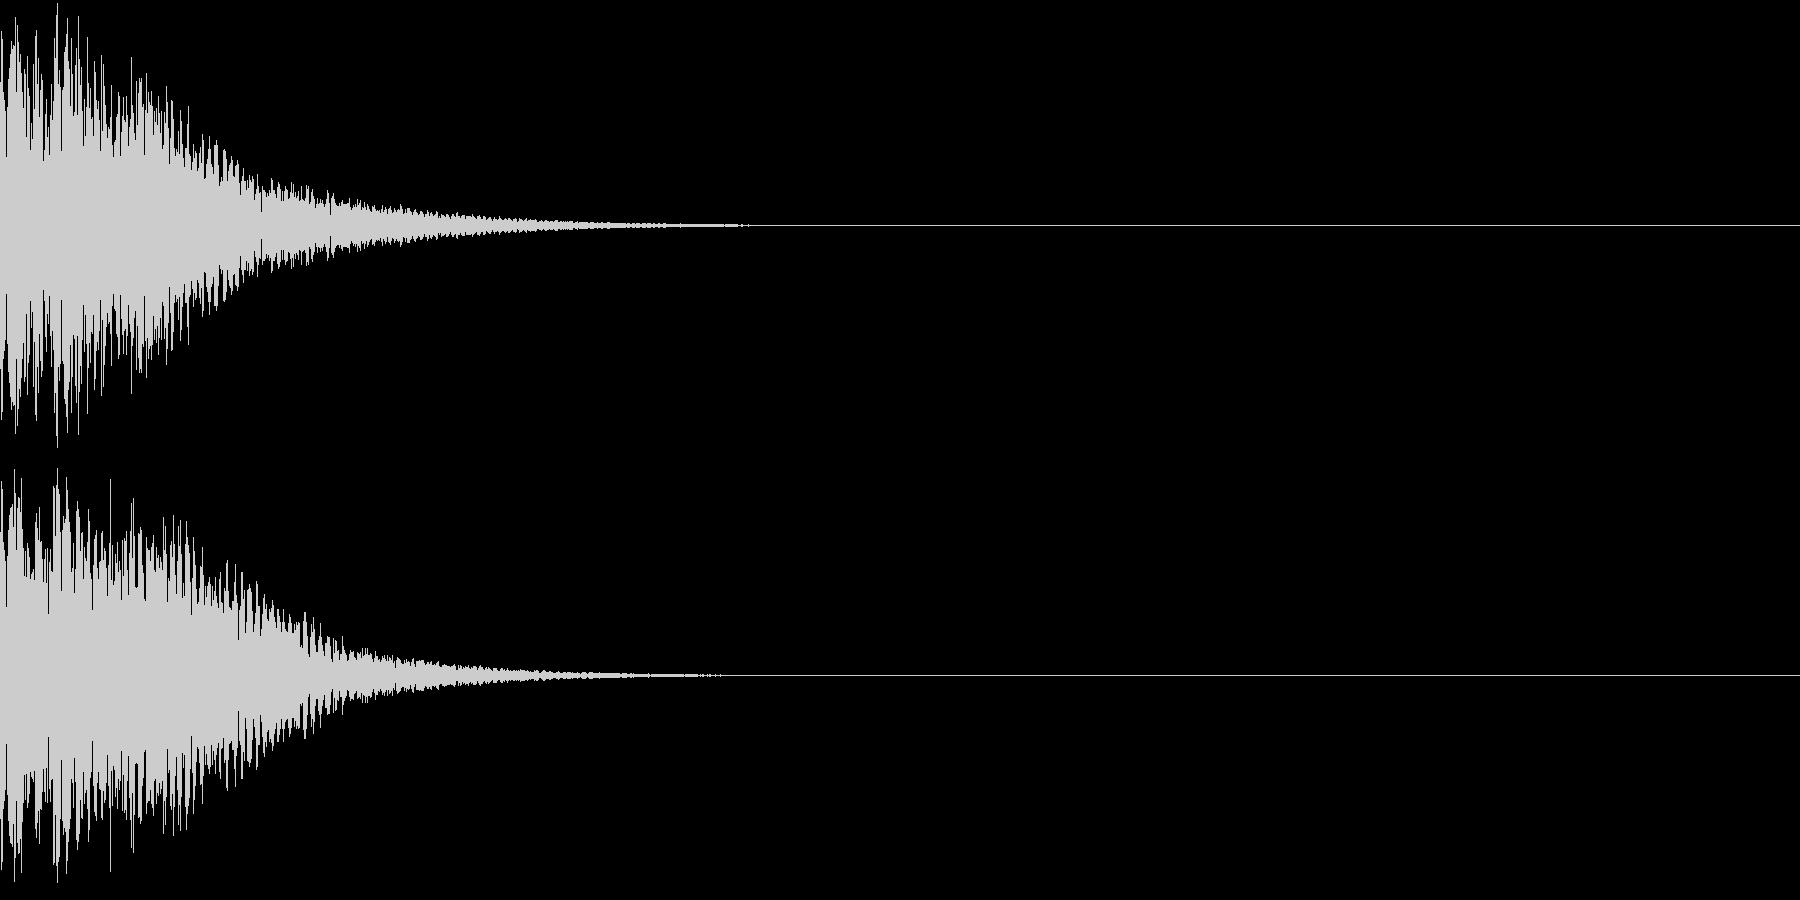 光る  輝く  キュピーン  キラーンBの未再生の波形